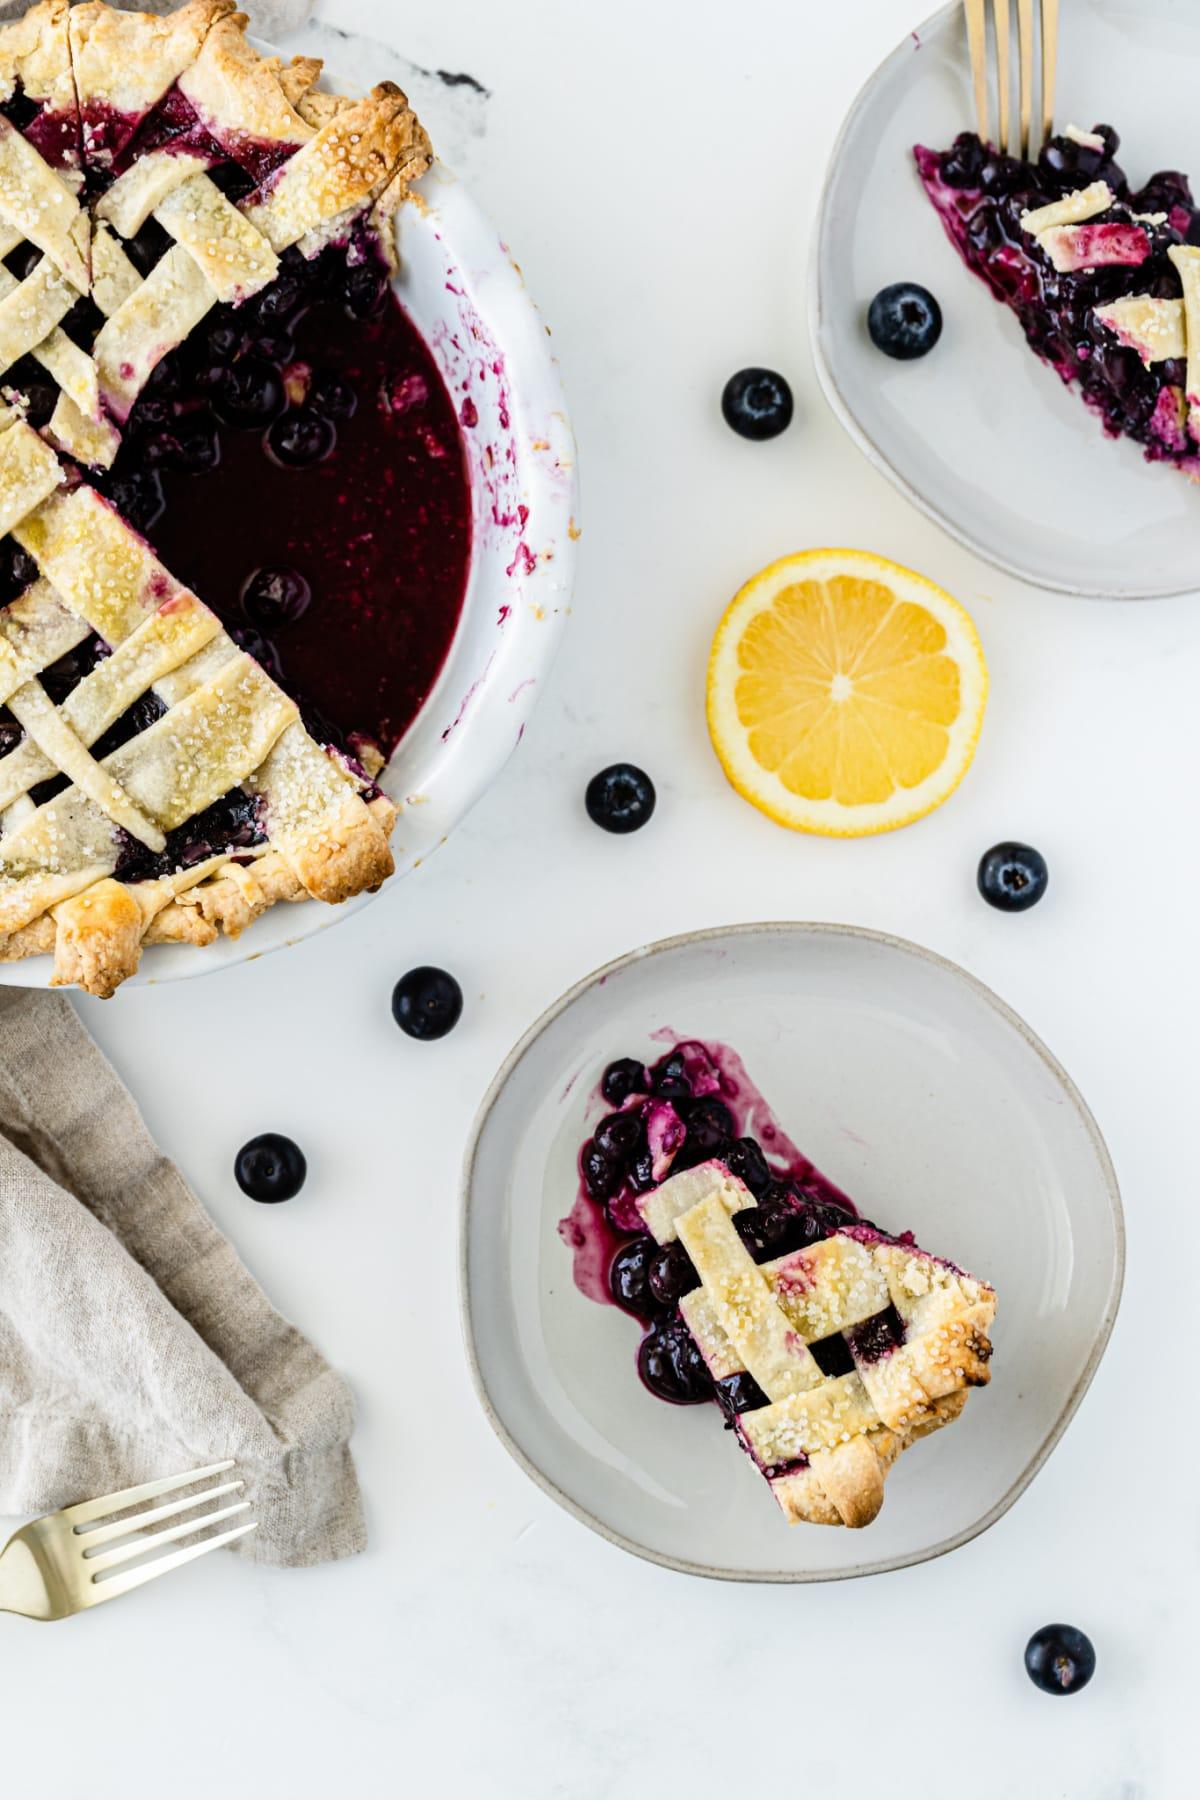 Blueberry pie with flaky pie crust